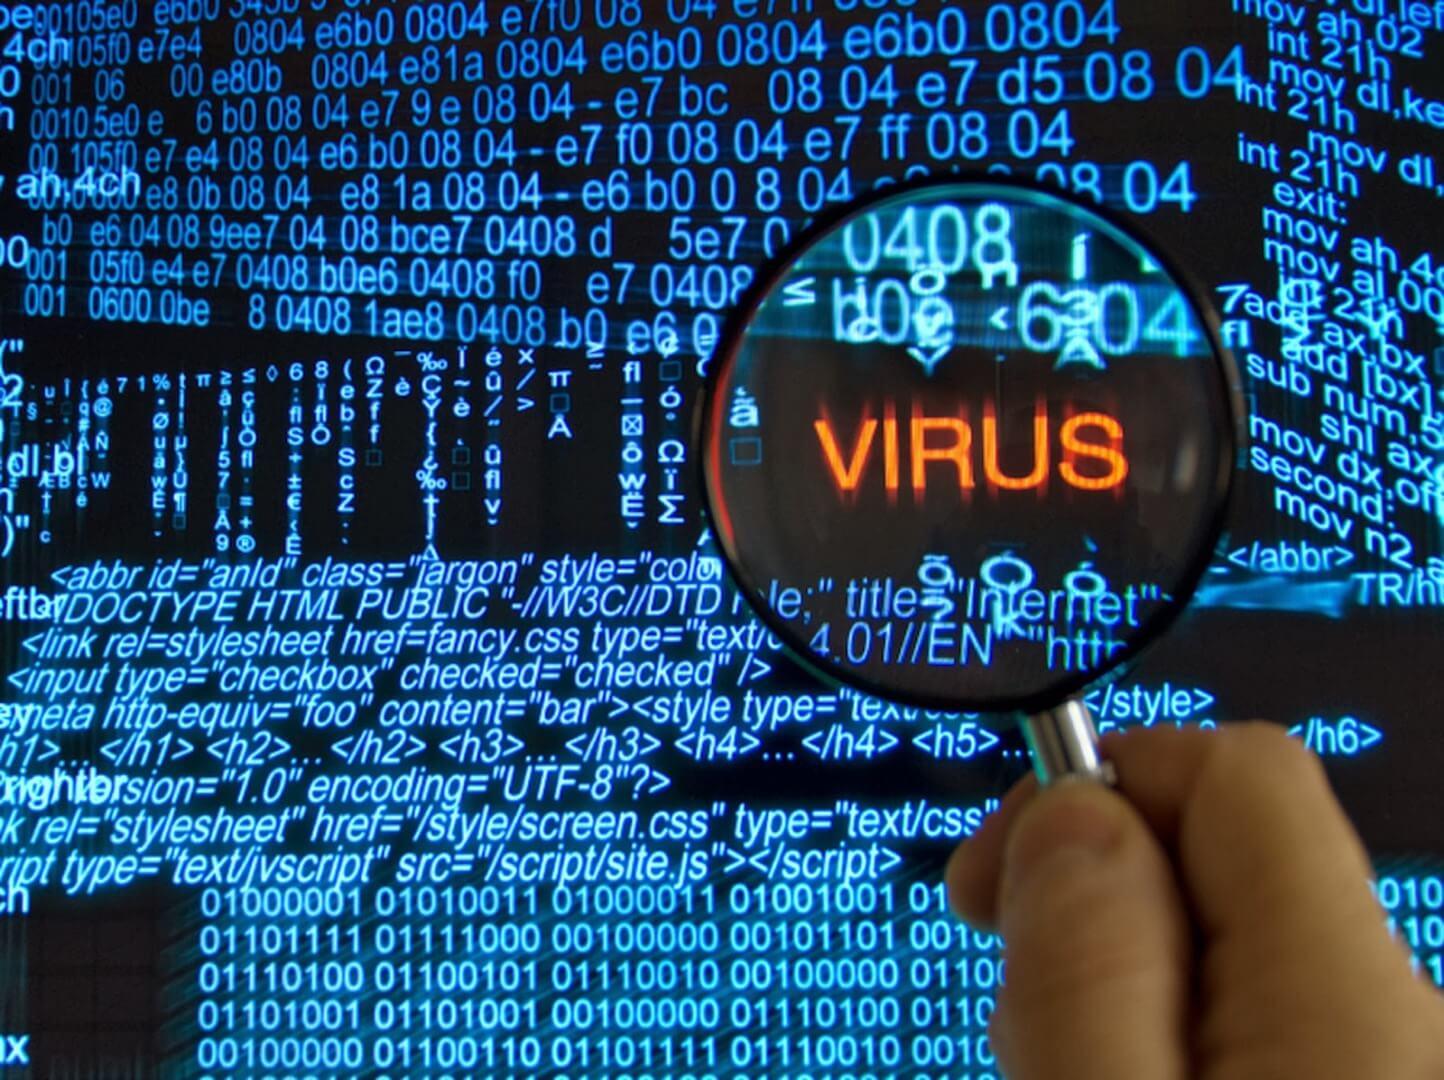 ویروس کامپیوتری